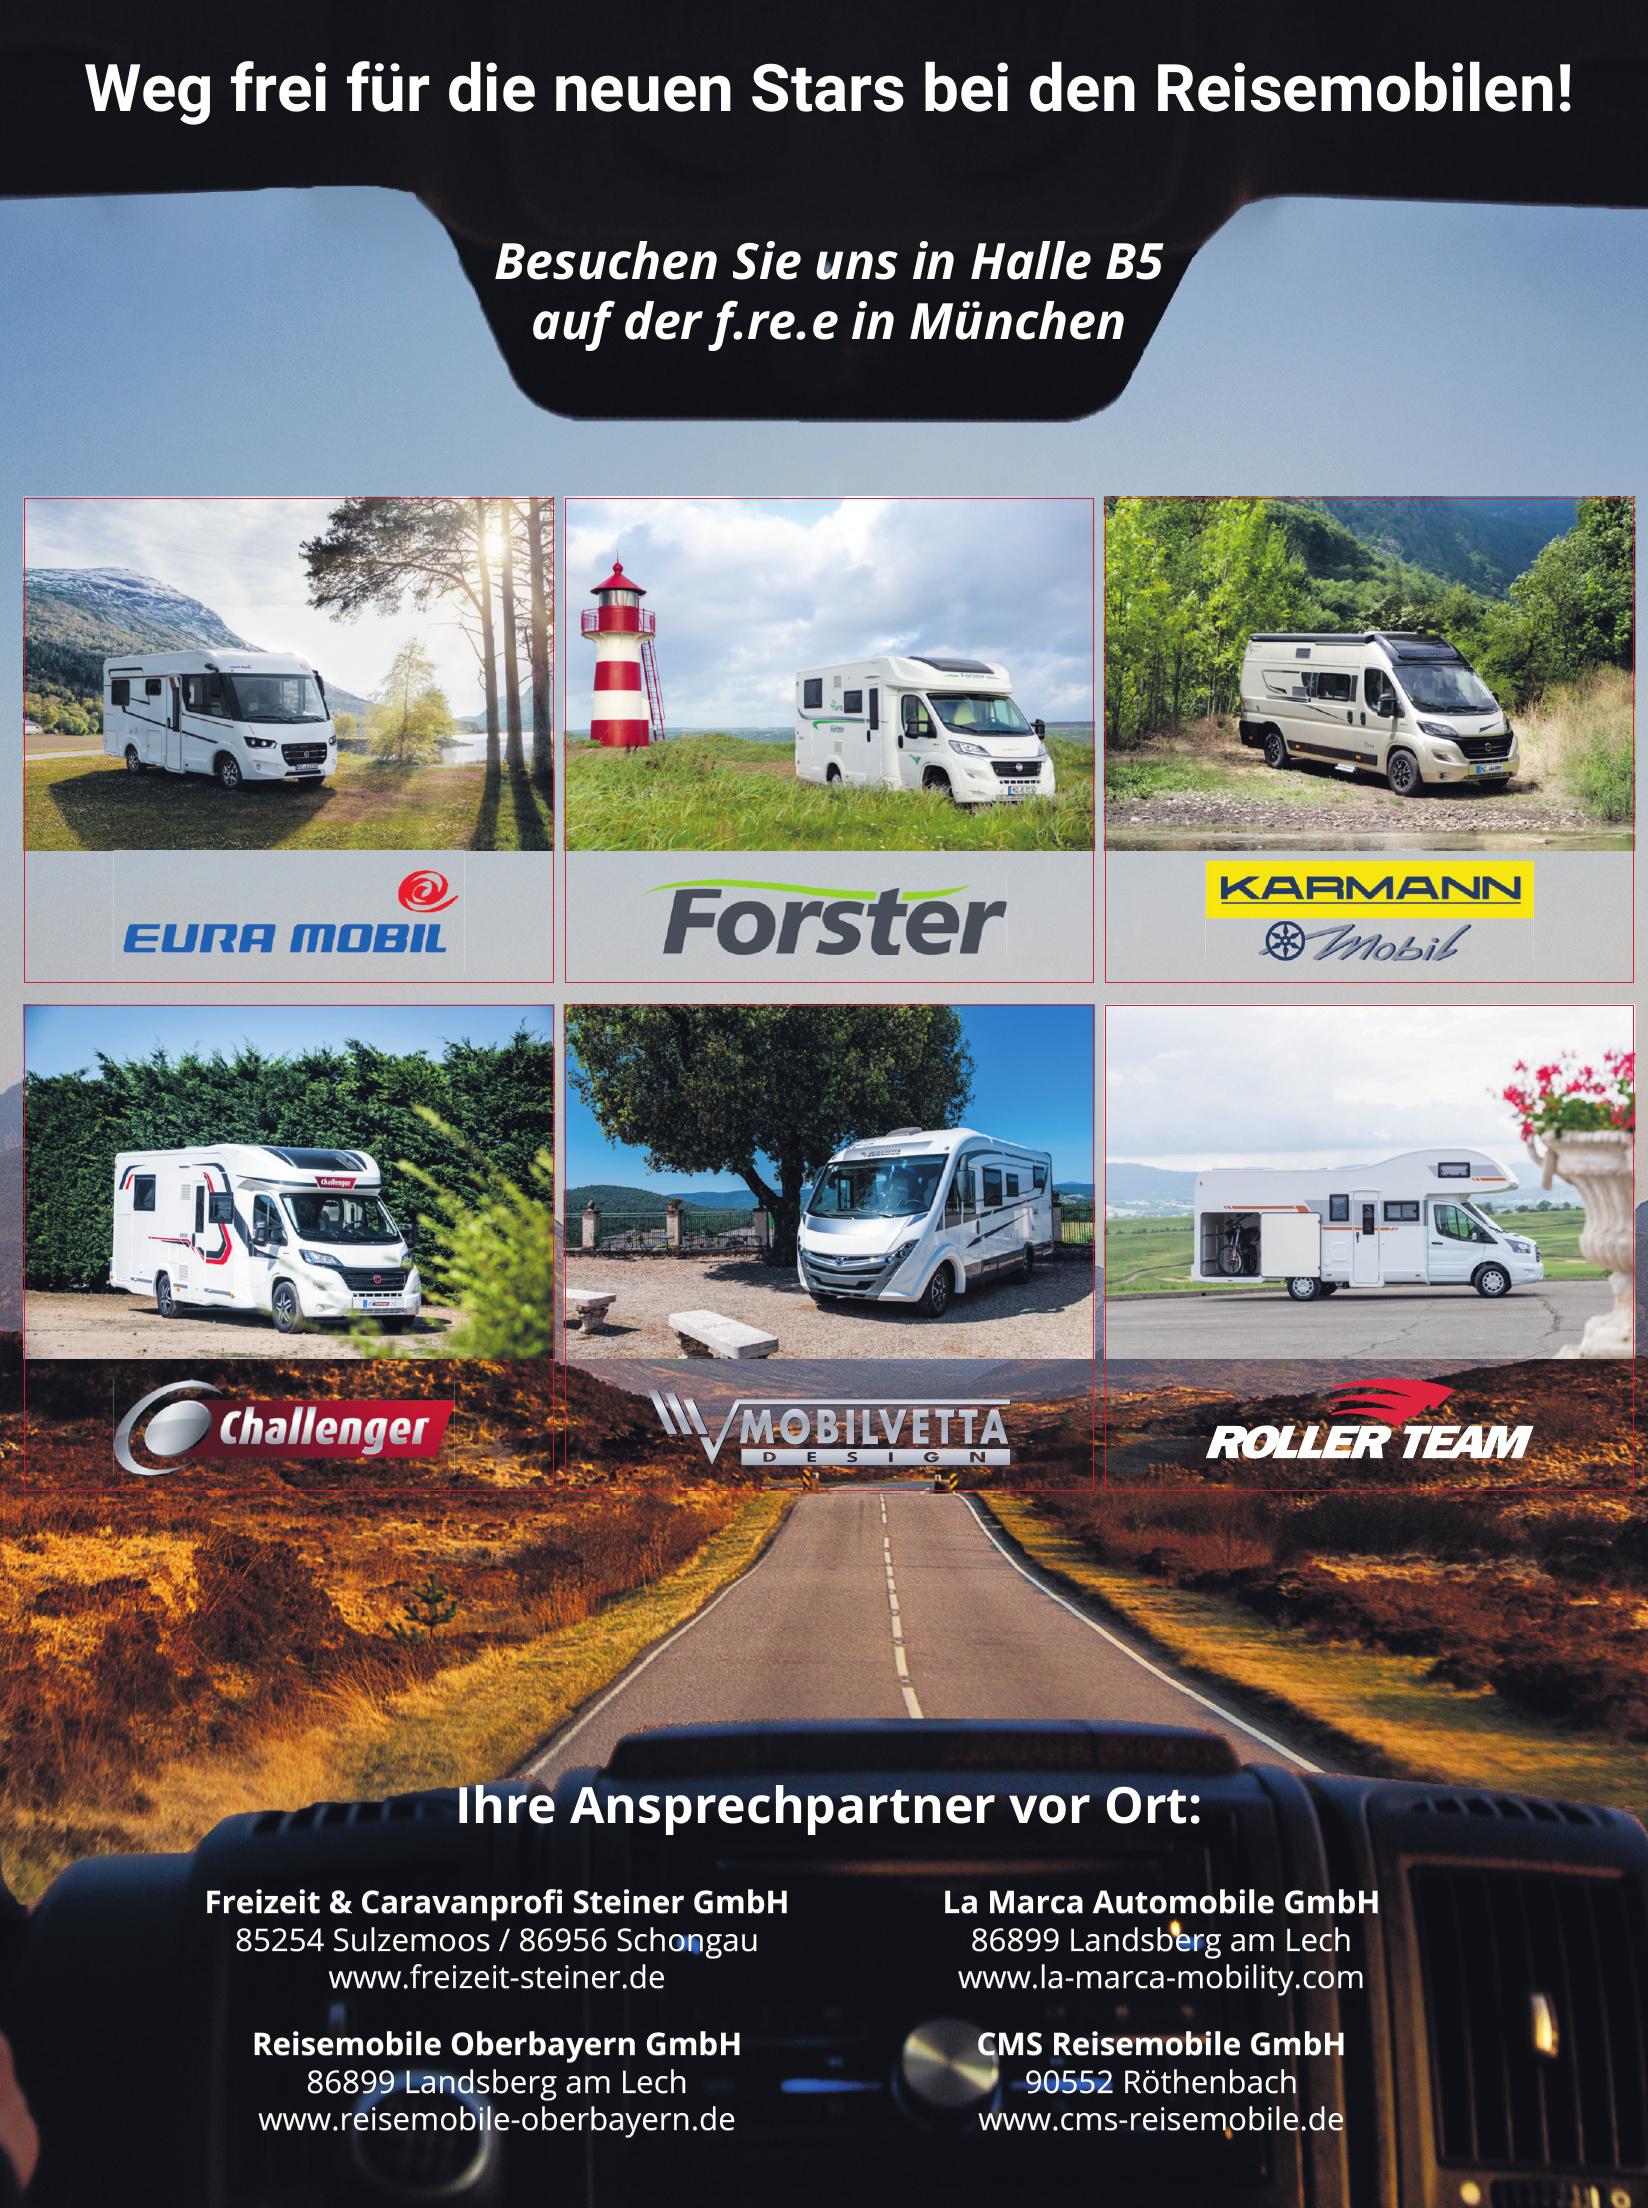 <br><b> Freizeit & Caravanprofi Steiner GmbH </b> <p></p> 585254 Sulzemoos / 86956 Schongau <p></p><a href='https://freizeit-steiner.de'>freizeit-steiner.de</a> </p> <hr> <br><b> Reisemobile Oberbayern GmbH</b> <p></p> 86899 Landsberg am Lech <p></p><a href='https://reisemobile-oberbayern.de'>reisemobile-oberbayern.de</a> </p>  <hr> <br><b> La Marca Automobile GmbH </b> <p></p> 86899 Landsberg am Lech <p></p><a href='https://la-marca-mobility.com'>la-marca-mobility.com</a> </p> <hr> <br><b> CMS Reisemobile GmbH </b> <p></p> 90552 Röthenbach <p></p><a href='https://www.cms-reisemobile.de'>www.cms-reisemobile.de</a> </p>